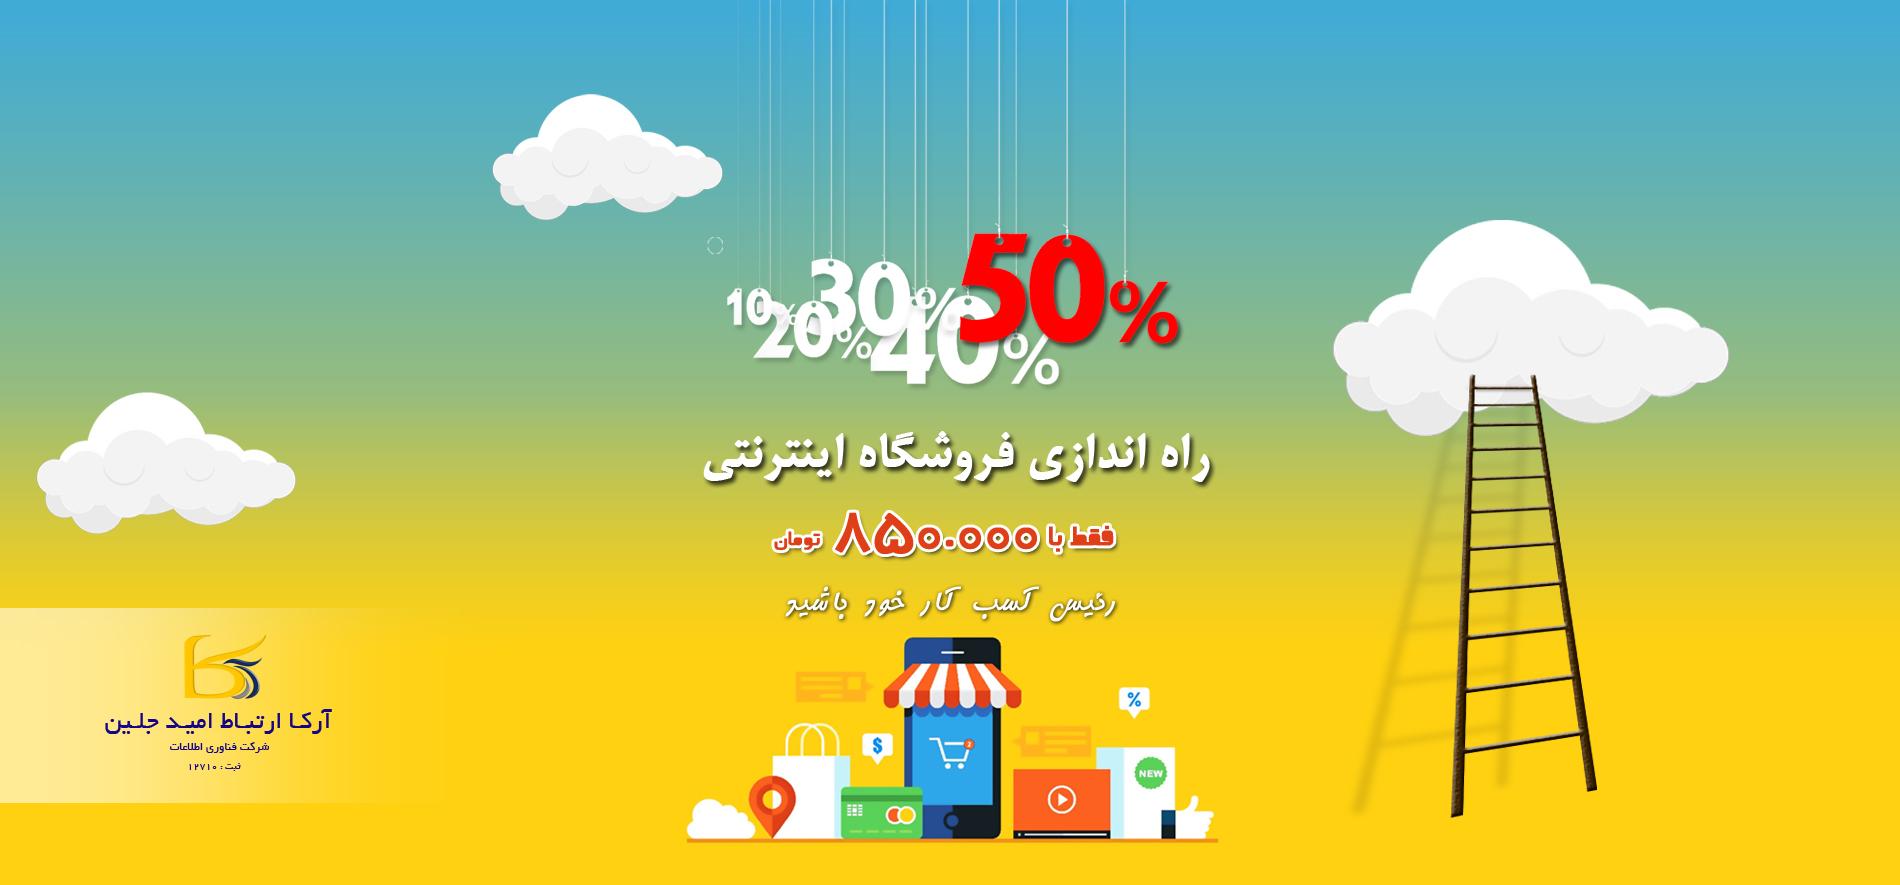 راه اندازی فروشگاه اینترنتی آرکا ارتباط